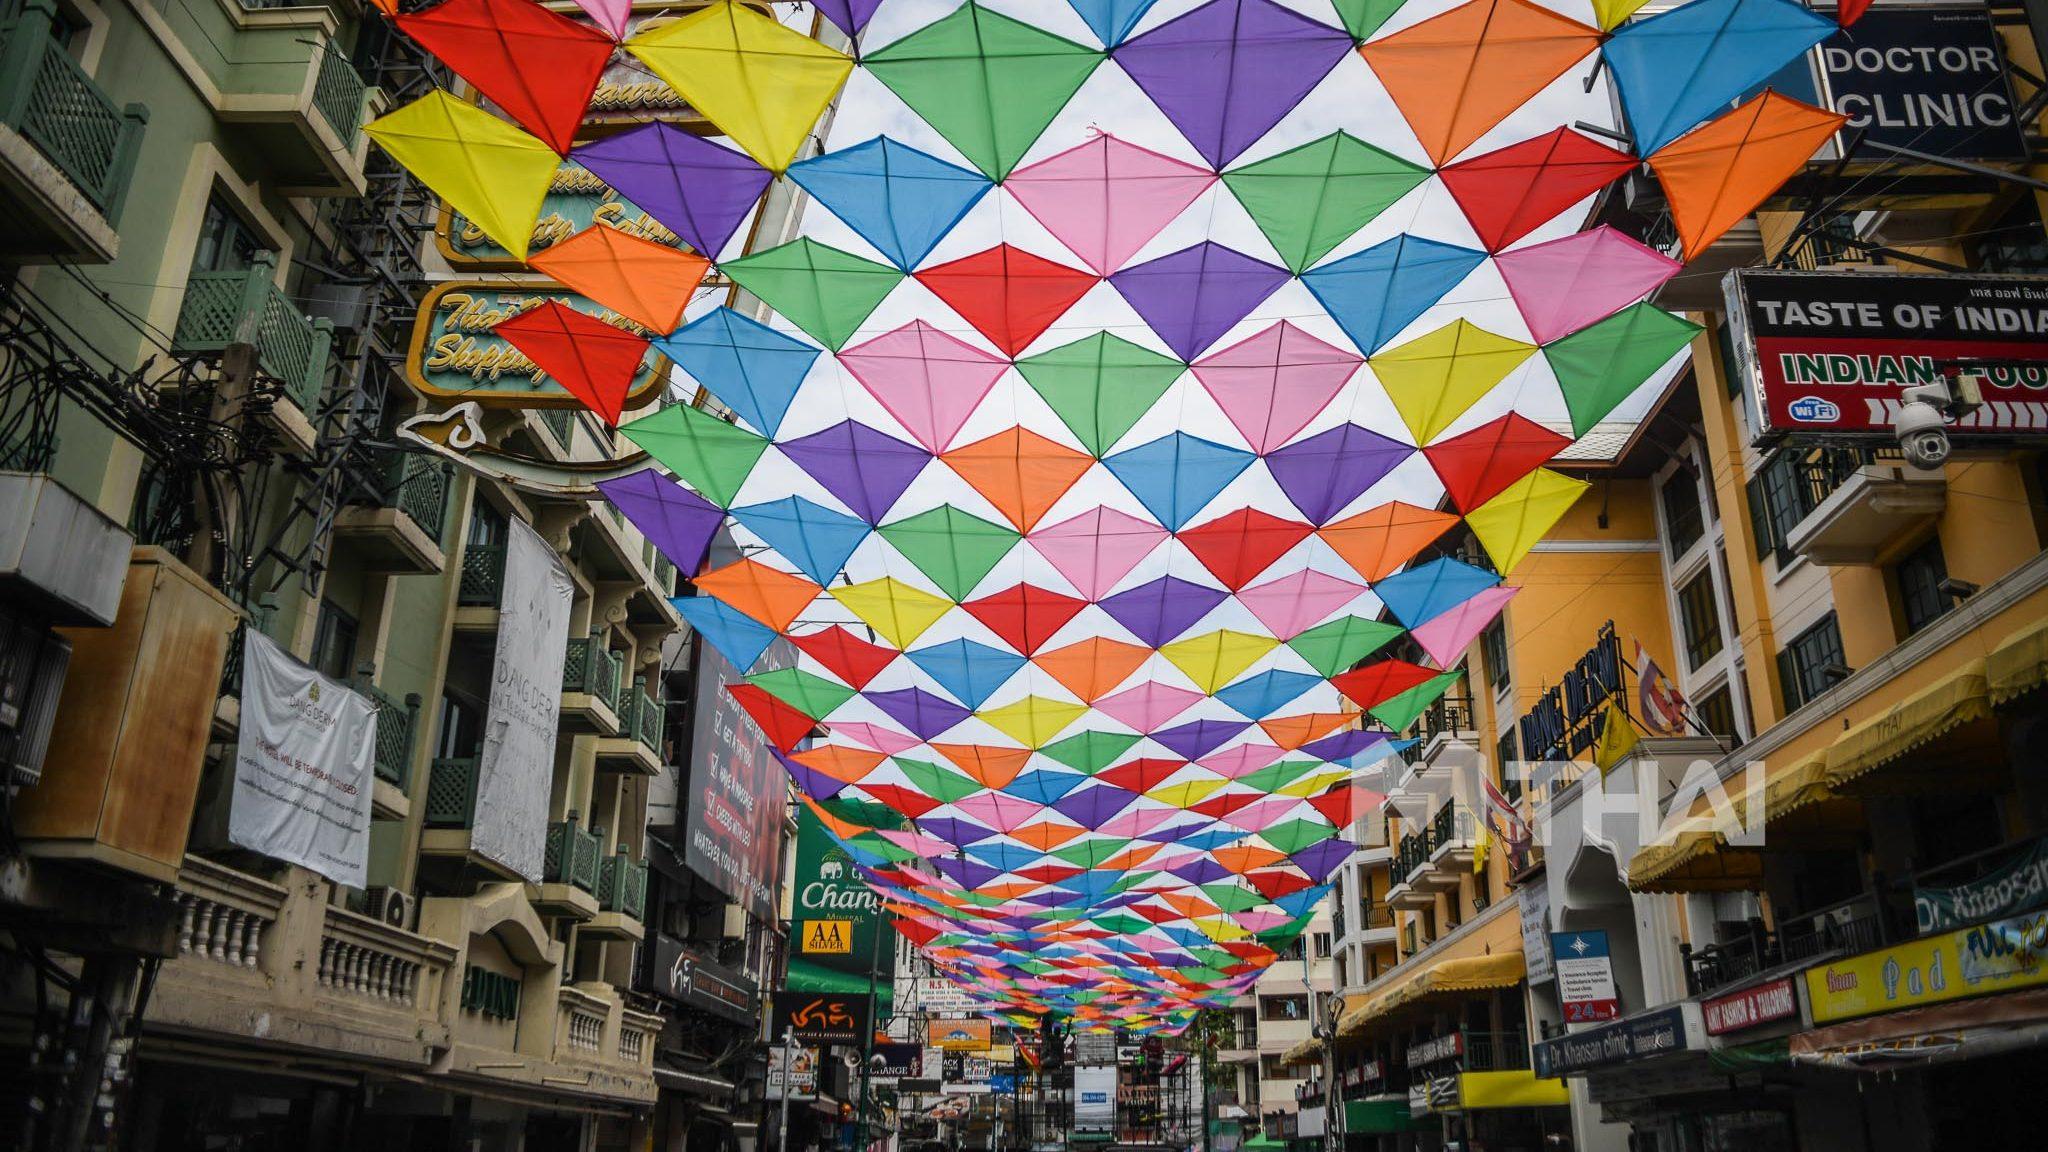 ว่าวปักเป้า! สร้างสีสันบน 'ถนนข้าวสาร' ในวันเงียบเหงาหลังโควิด-19 ซ้ำ